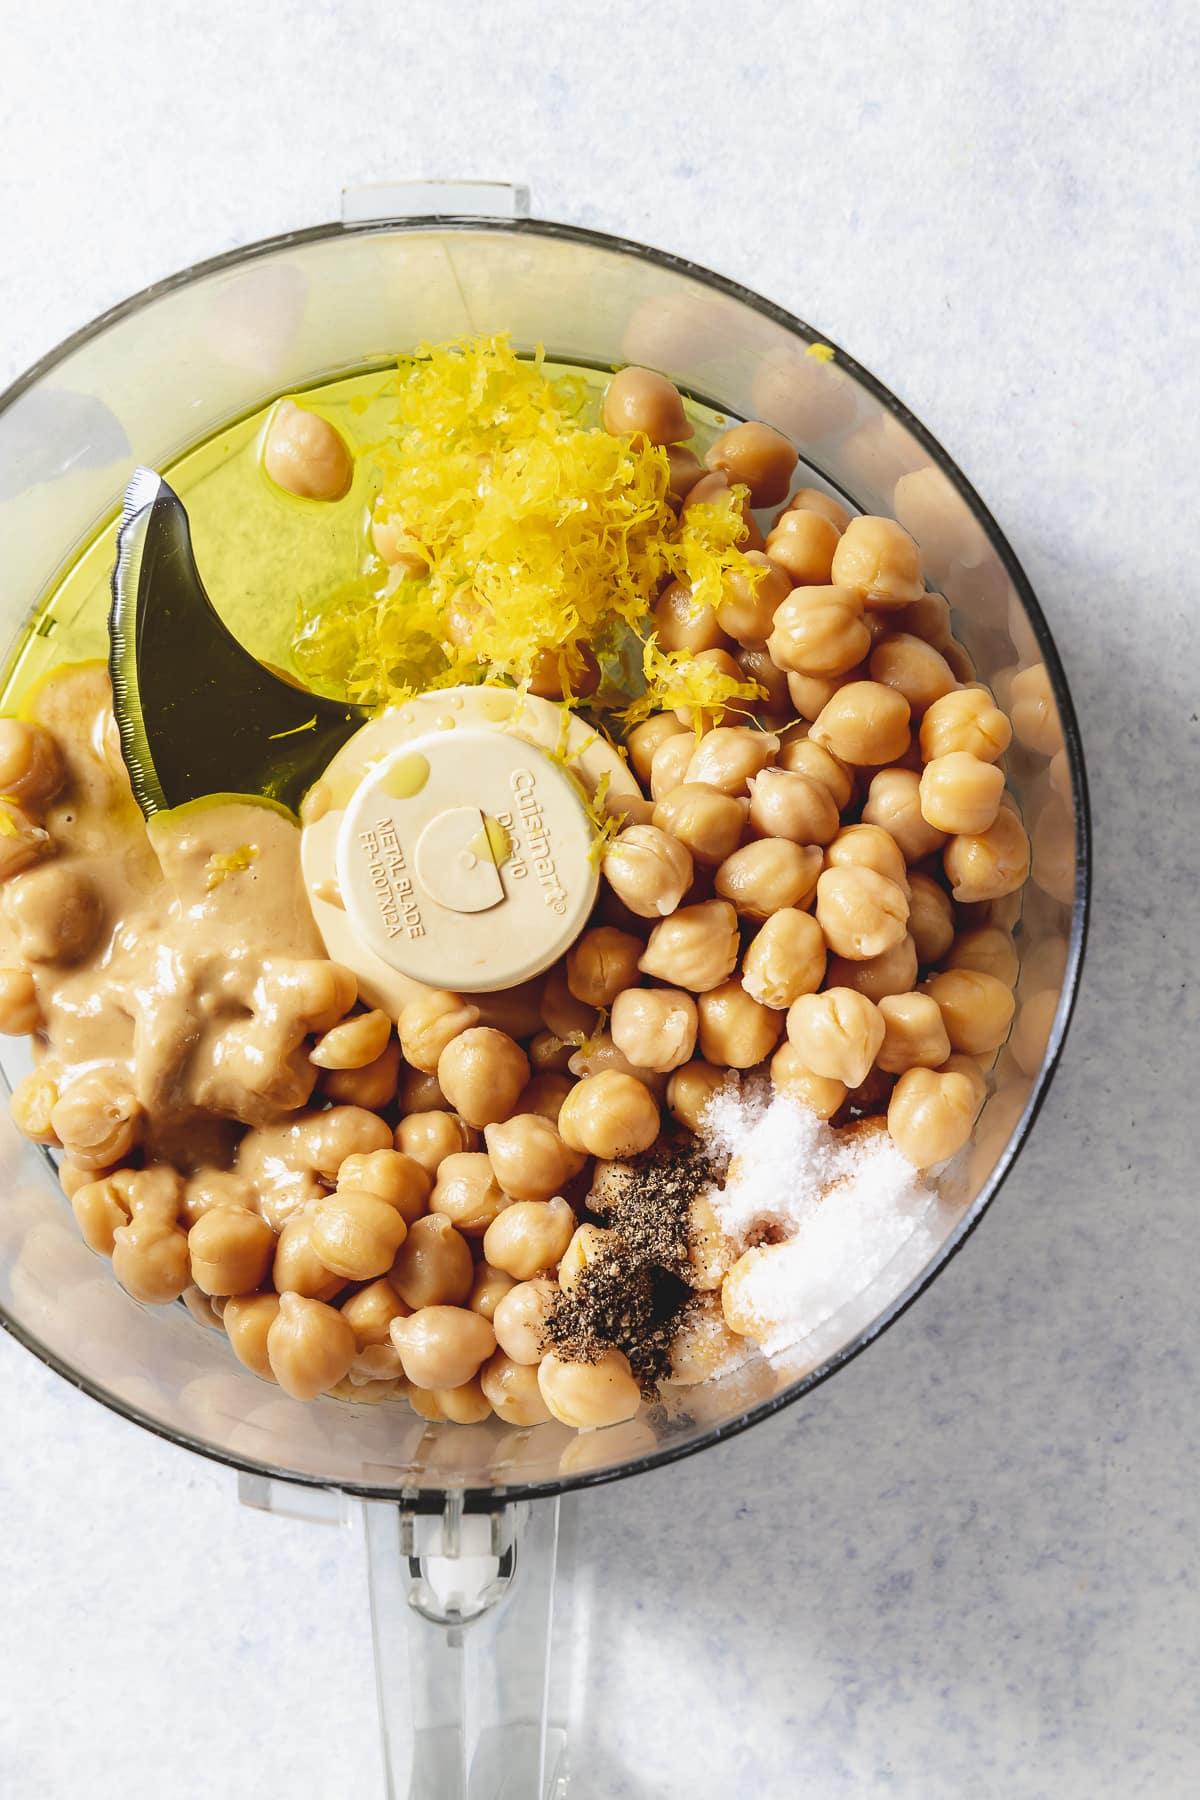 lemon hummus ingredients in a food processor